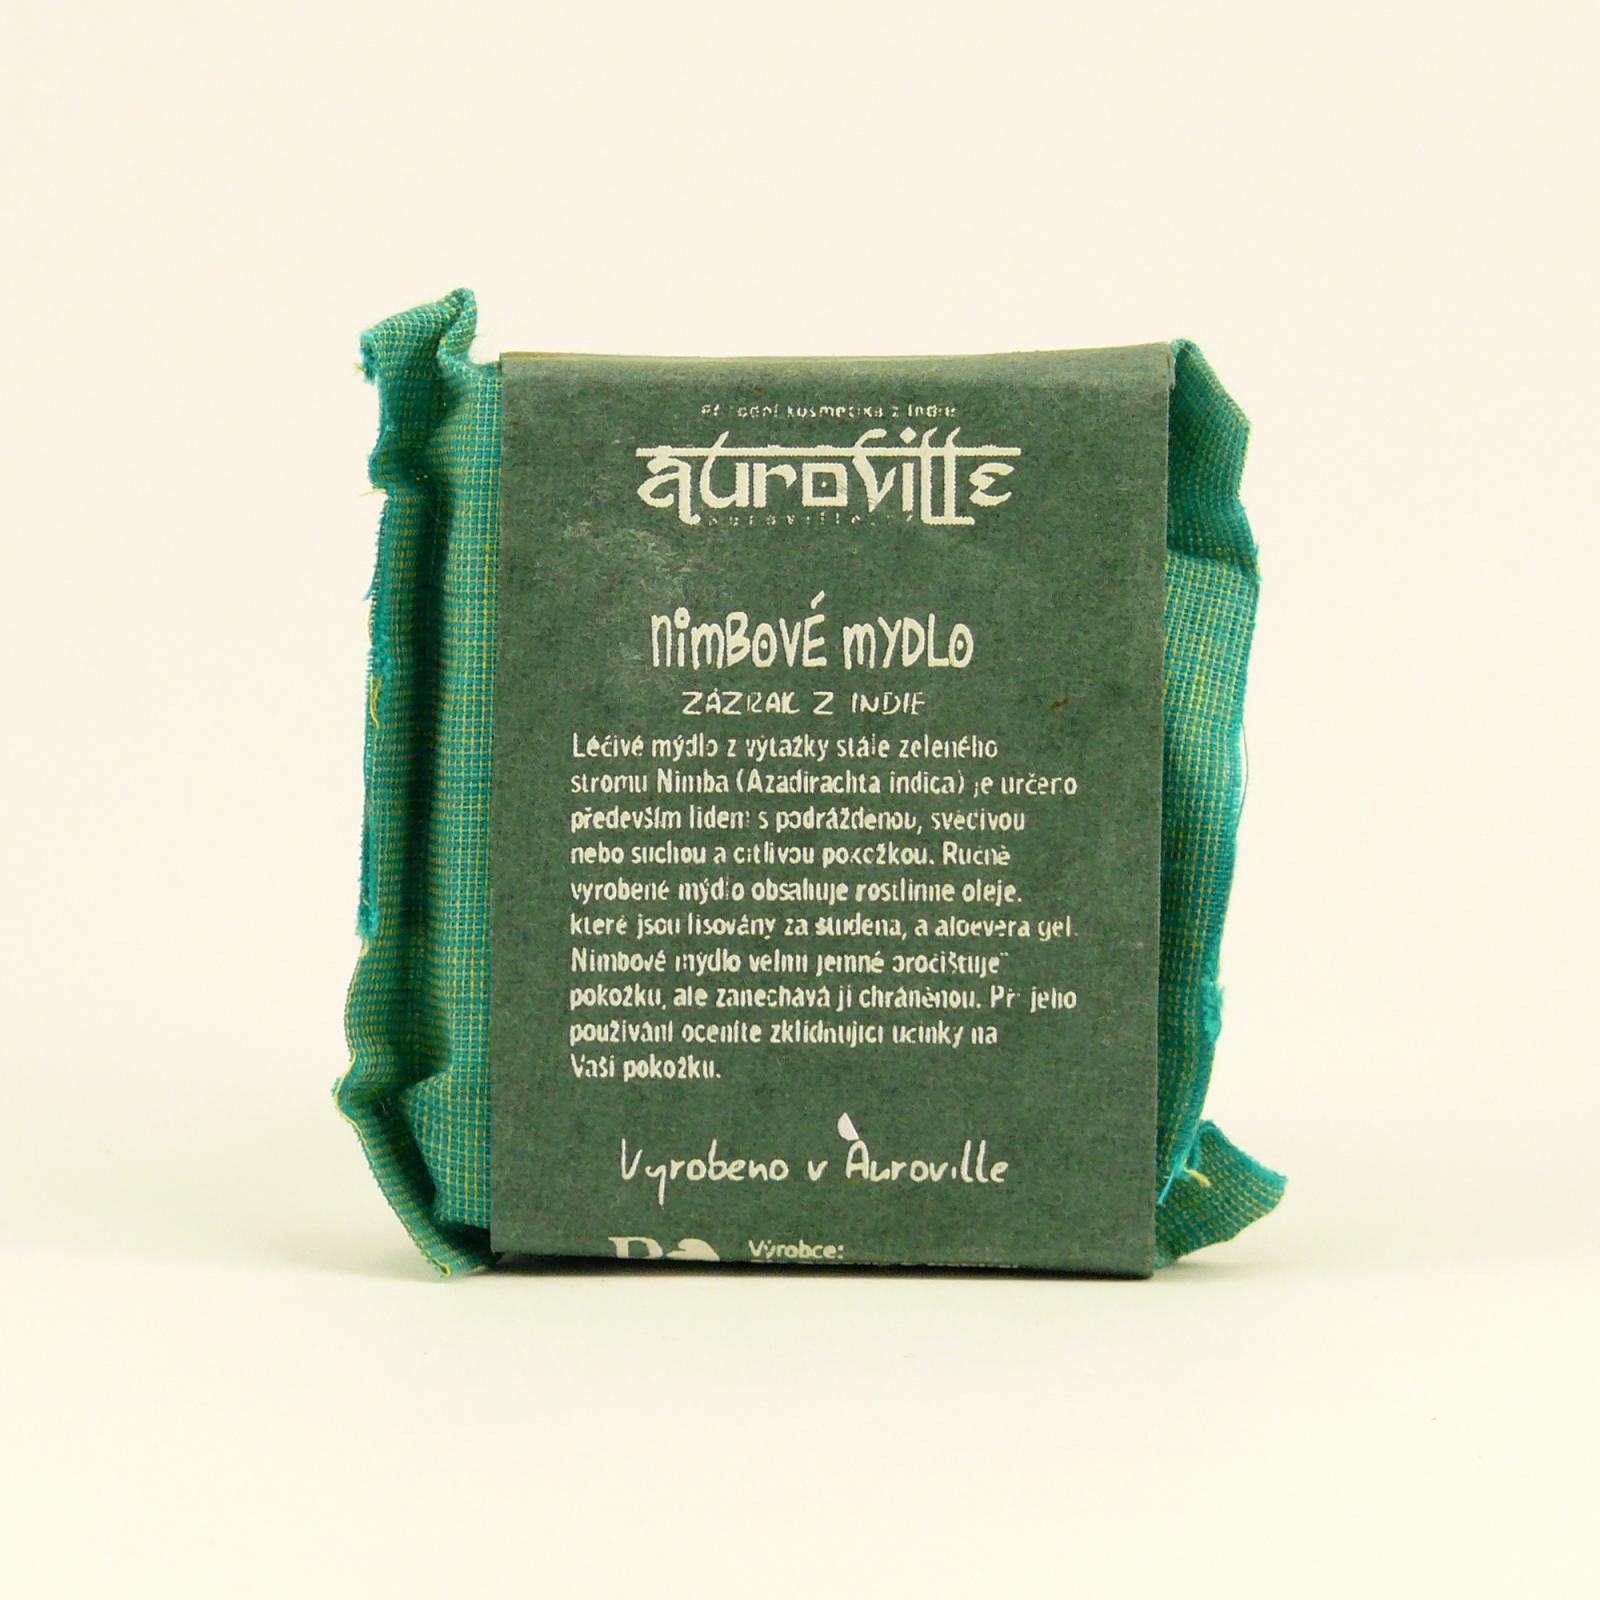 Auroville Mýdlo nimba, Bon Auroville 50 g